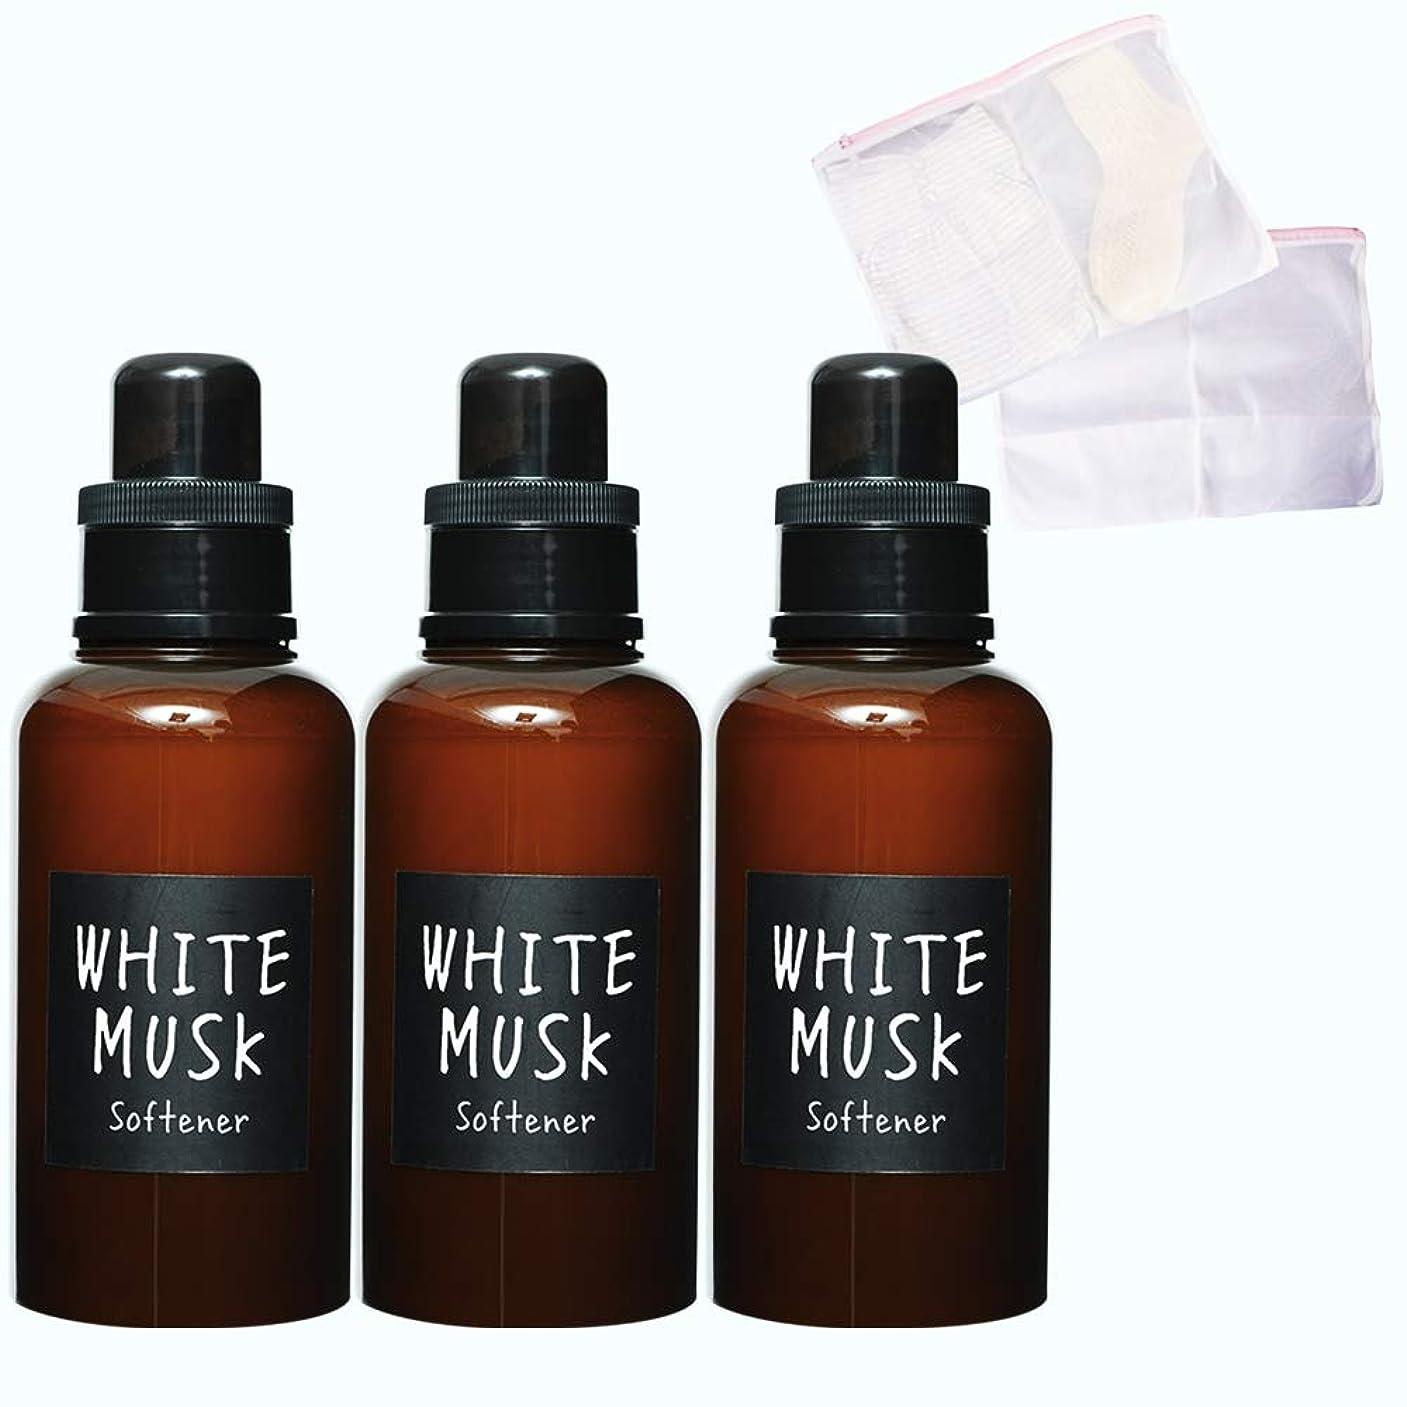 懐疑的意見リラックスしたノルコーポレーション JohnsBlend 柔軟剤 優しいアロマの香り 柔軟剤ボトル + 洗濯ネット 2個セット 仕上がりふんわり ギフト プレゼント (ホワイトムスク3本)